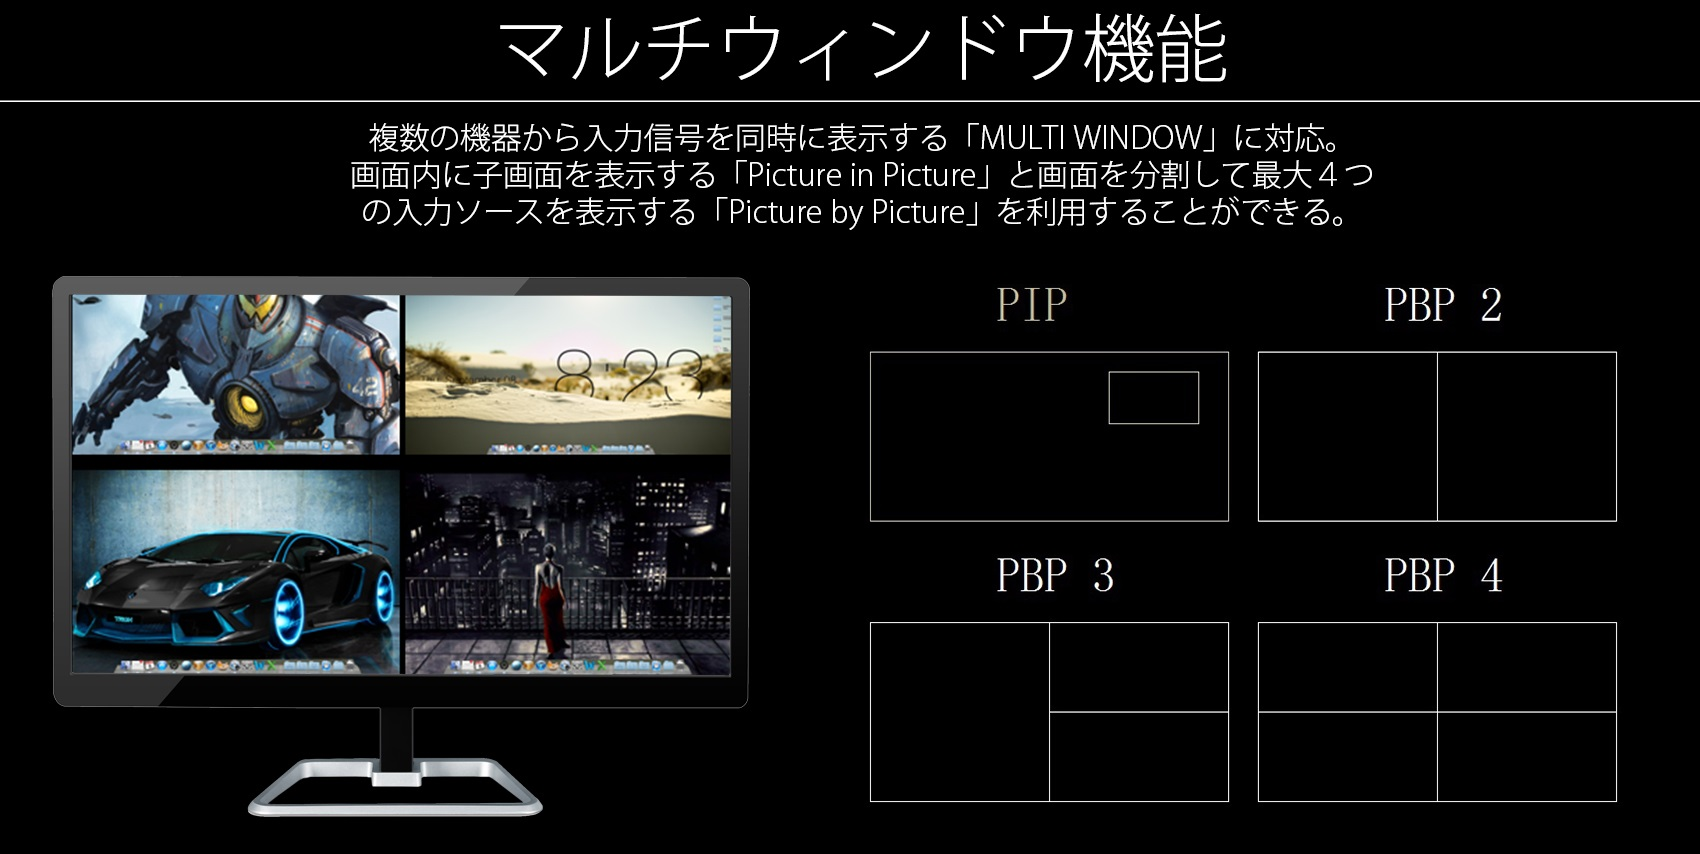 マルチウィンドウ機能 複数の機器から入力信号を同時に表示する「MULTI WINDOW」に対応。 画面内に子画面を表示する「Picture in Picture」と画面を分割して最大4つ の入力ソースを表示する「Picture by Picture」を利用することができる。 PIP PBP 2 PBP 3 PBP 4